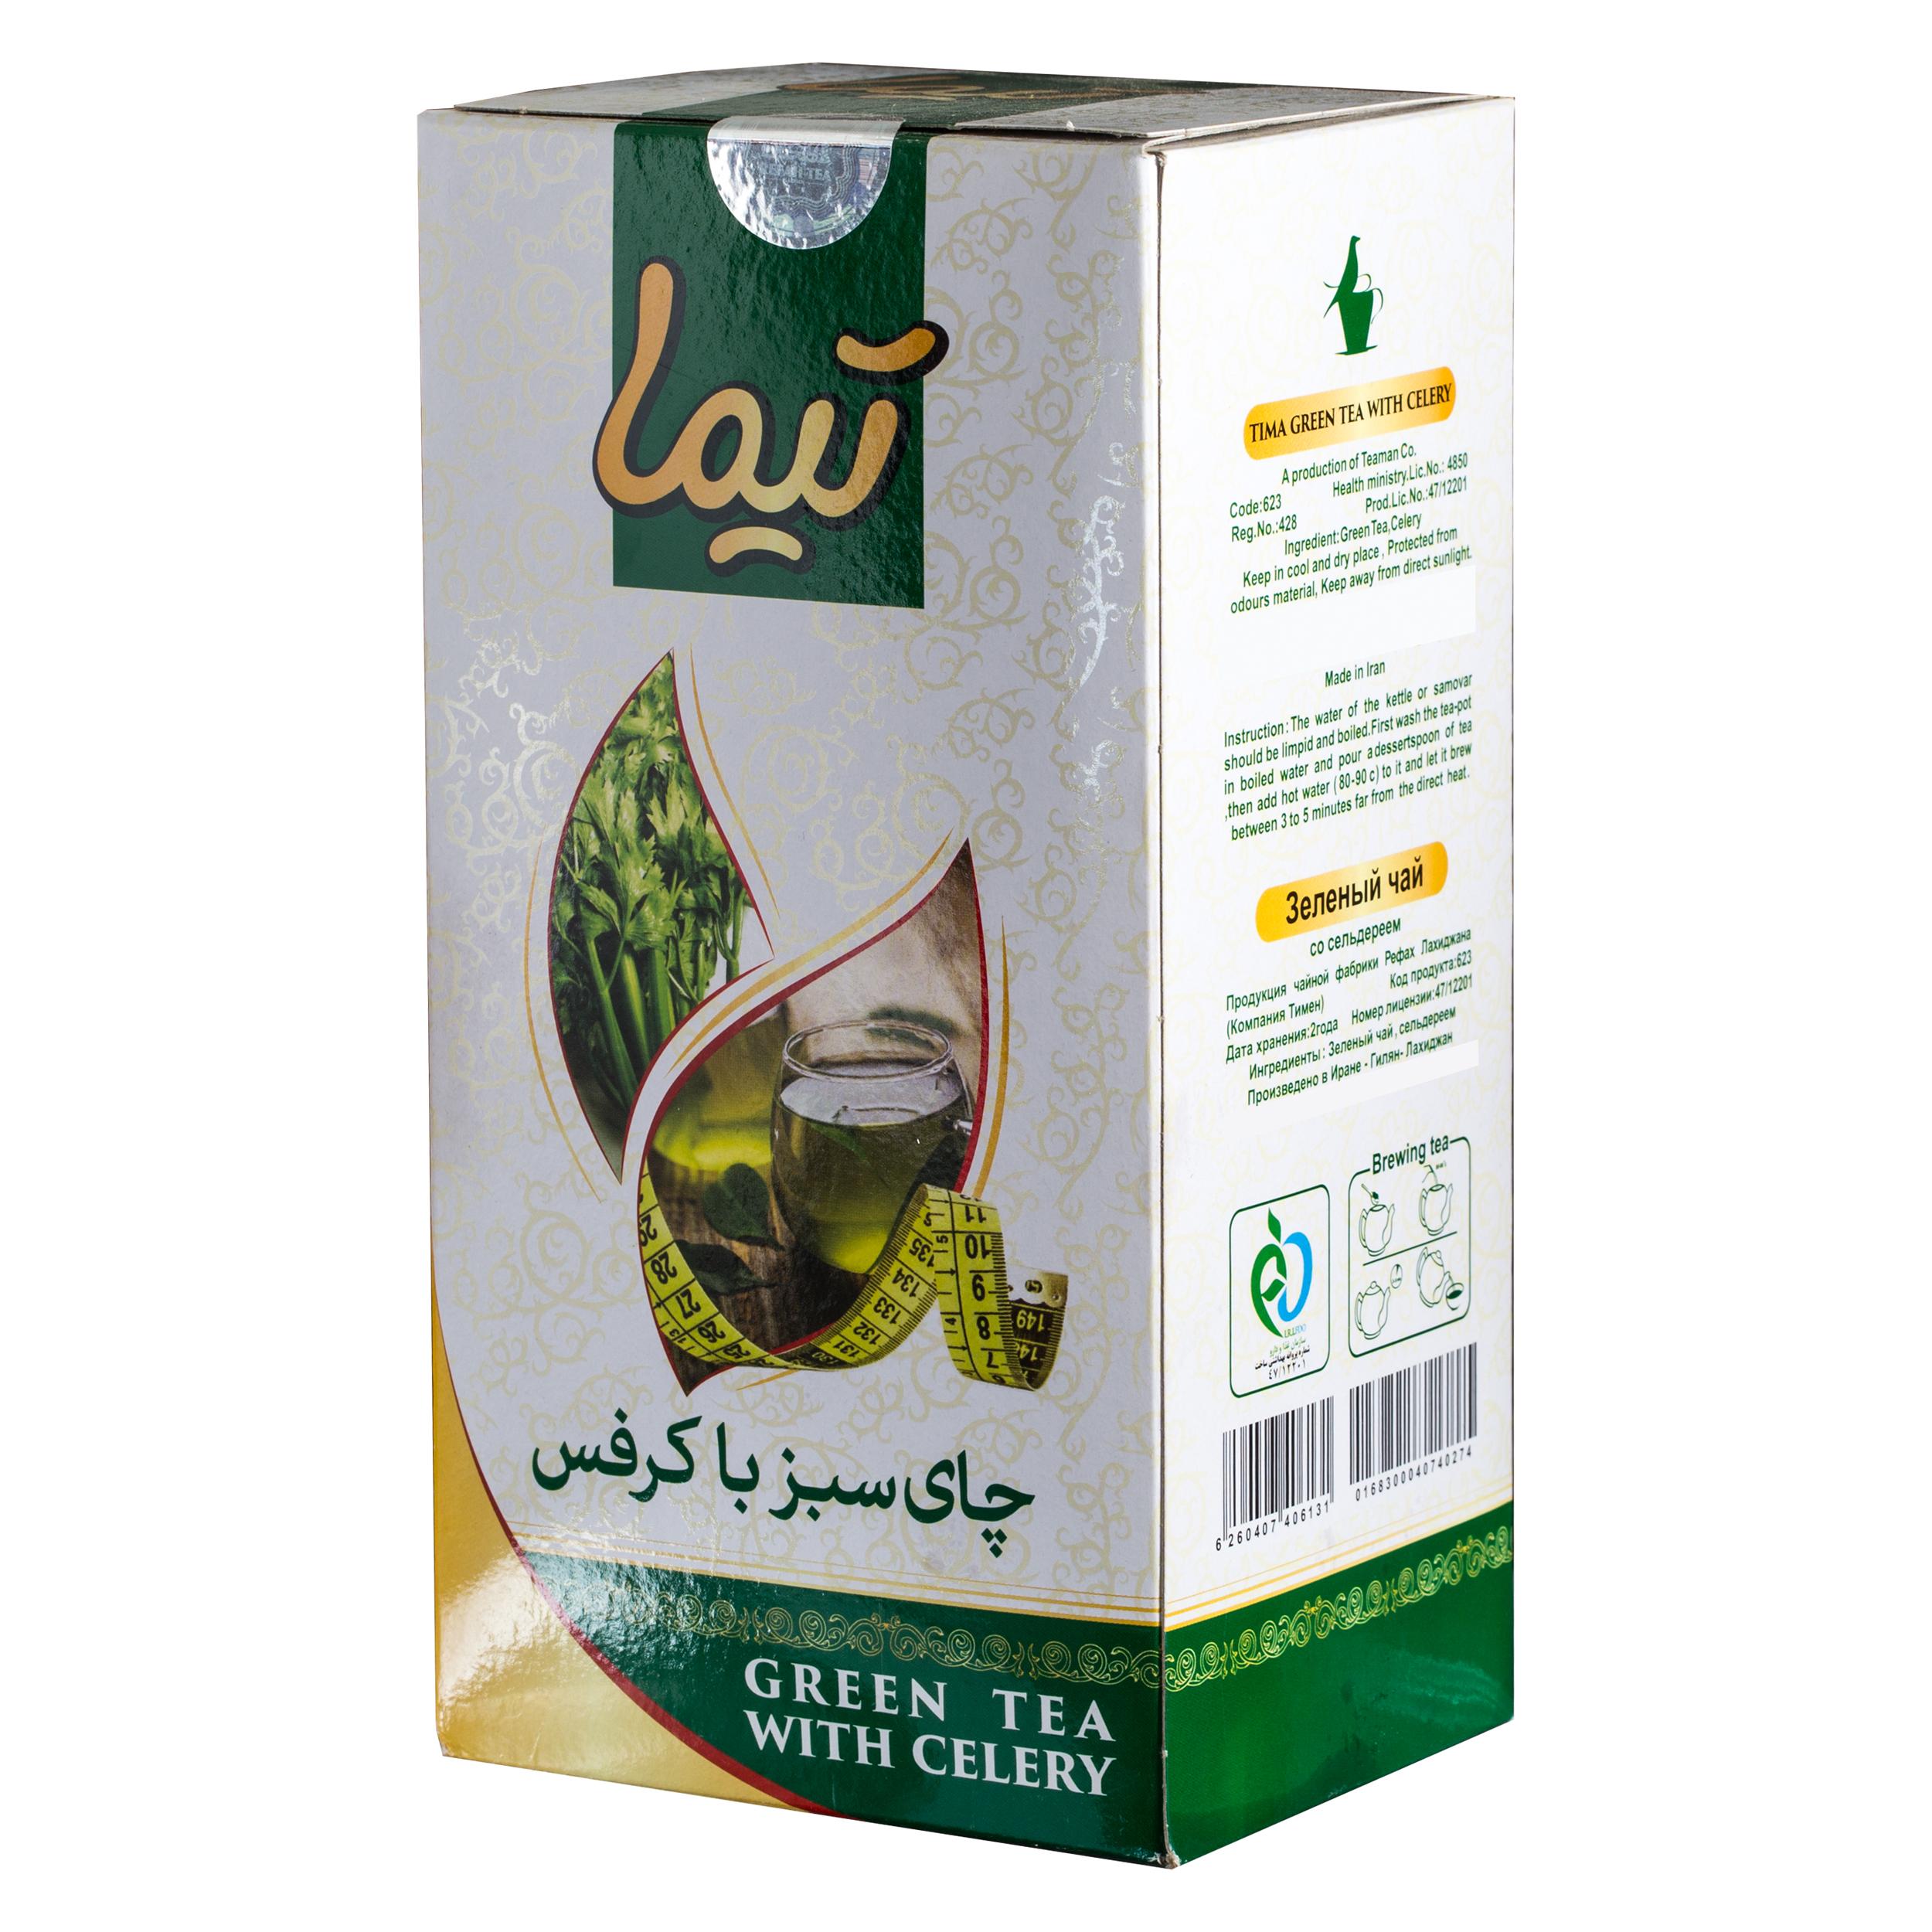 چای سبز با کرفس تیما مقدار 215 گرم